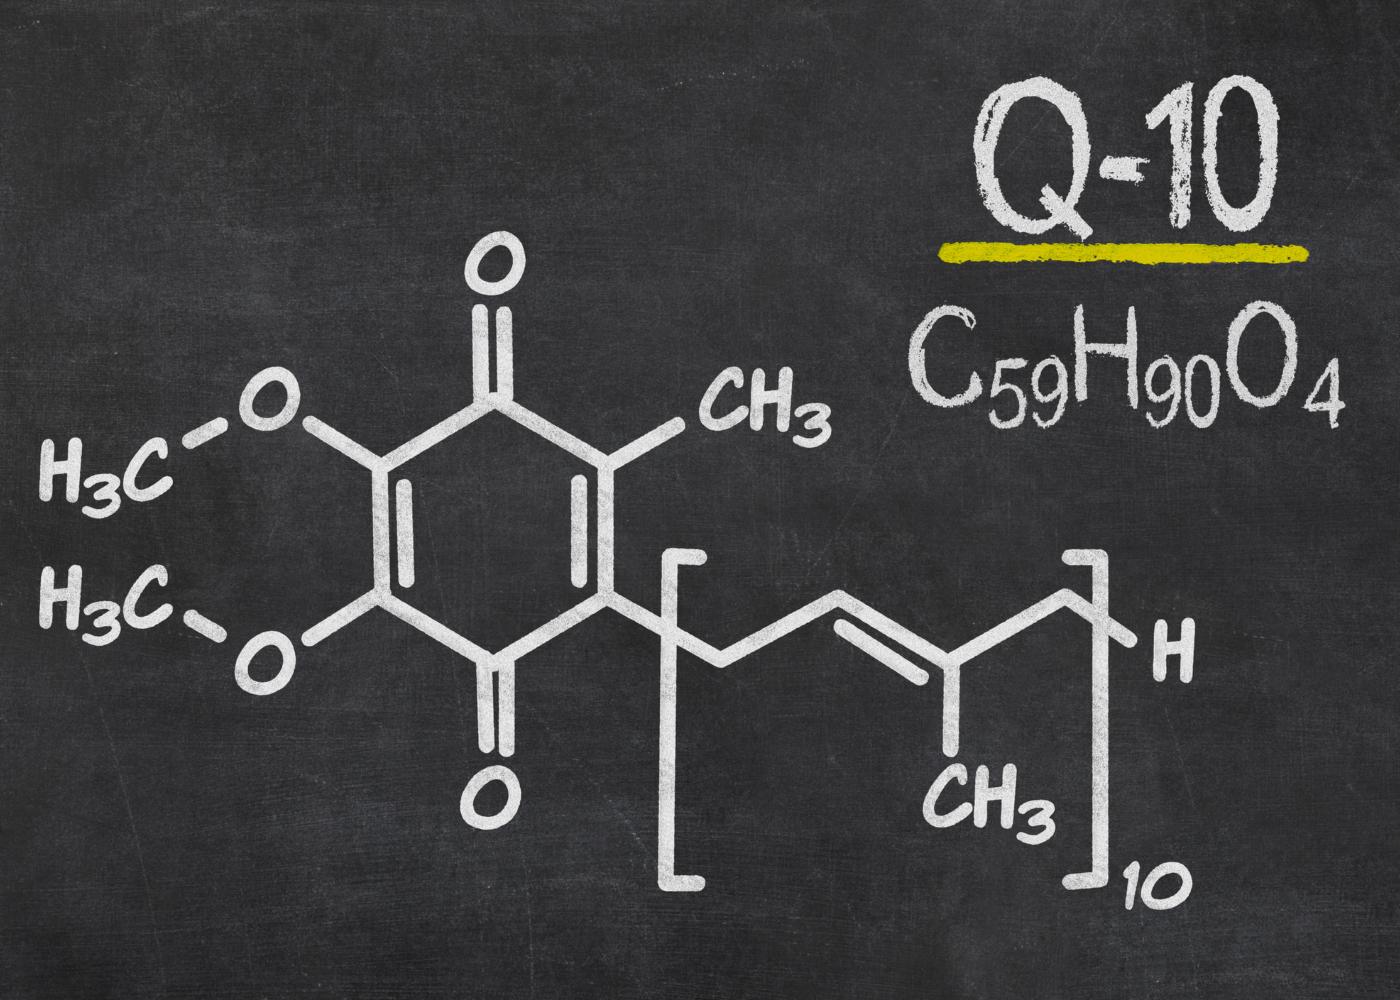 alimentos ricos em coenzima Q10 cadeia q10